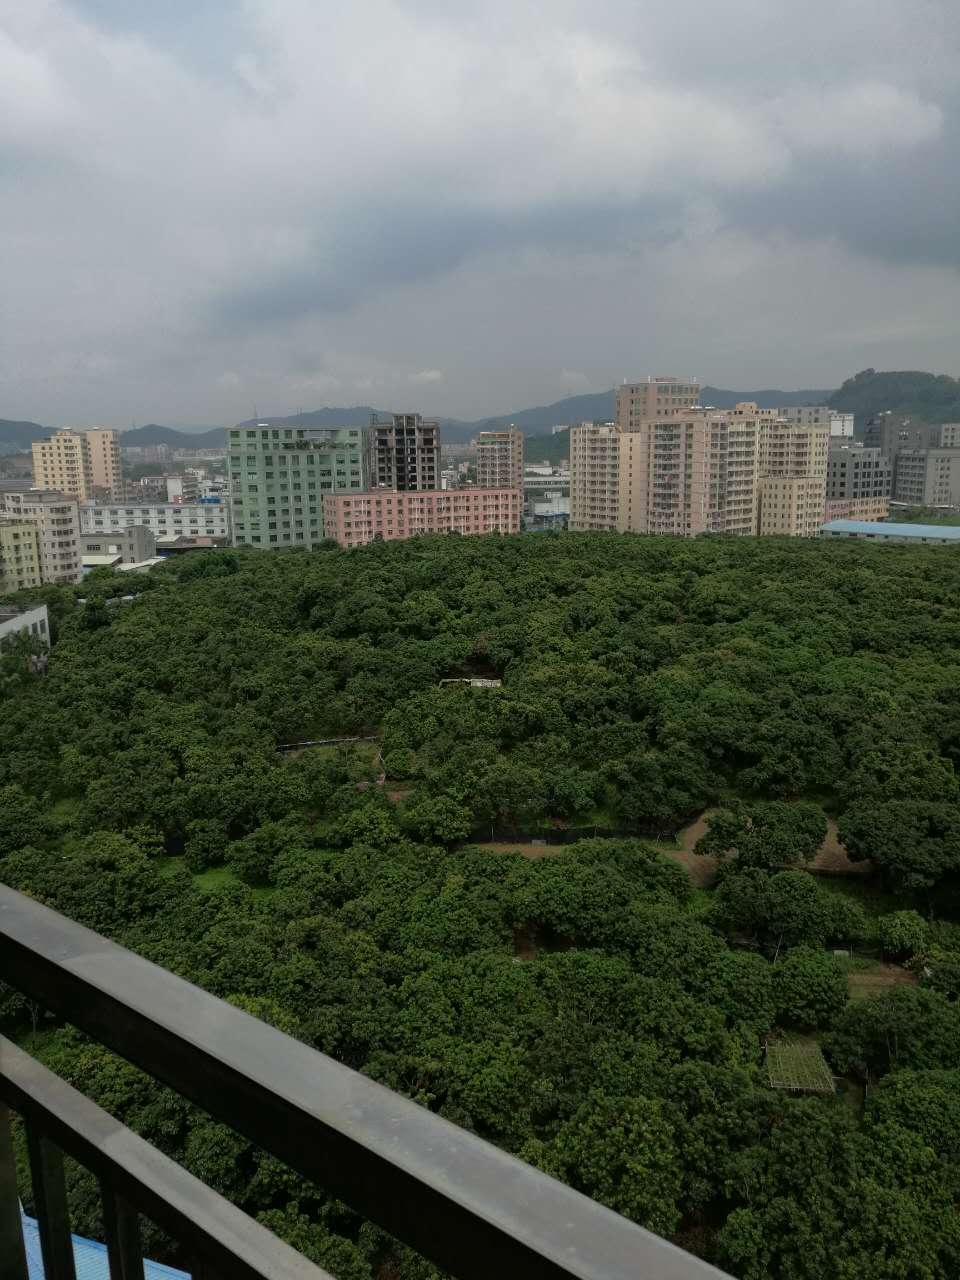 深圳公明楼村小产权房新开盘对外发售,3600元/㎡起 房价 新闻 跳蚤市场 二房二厅 第11张